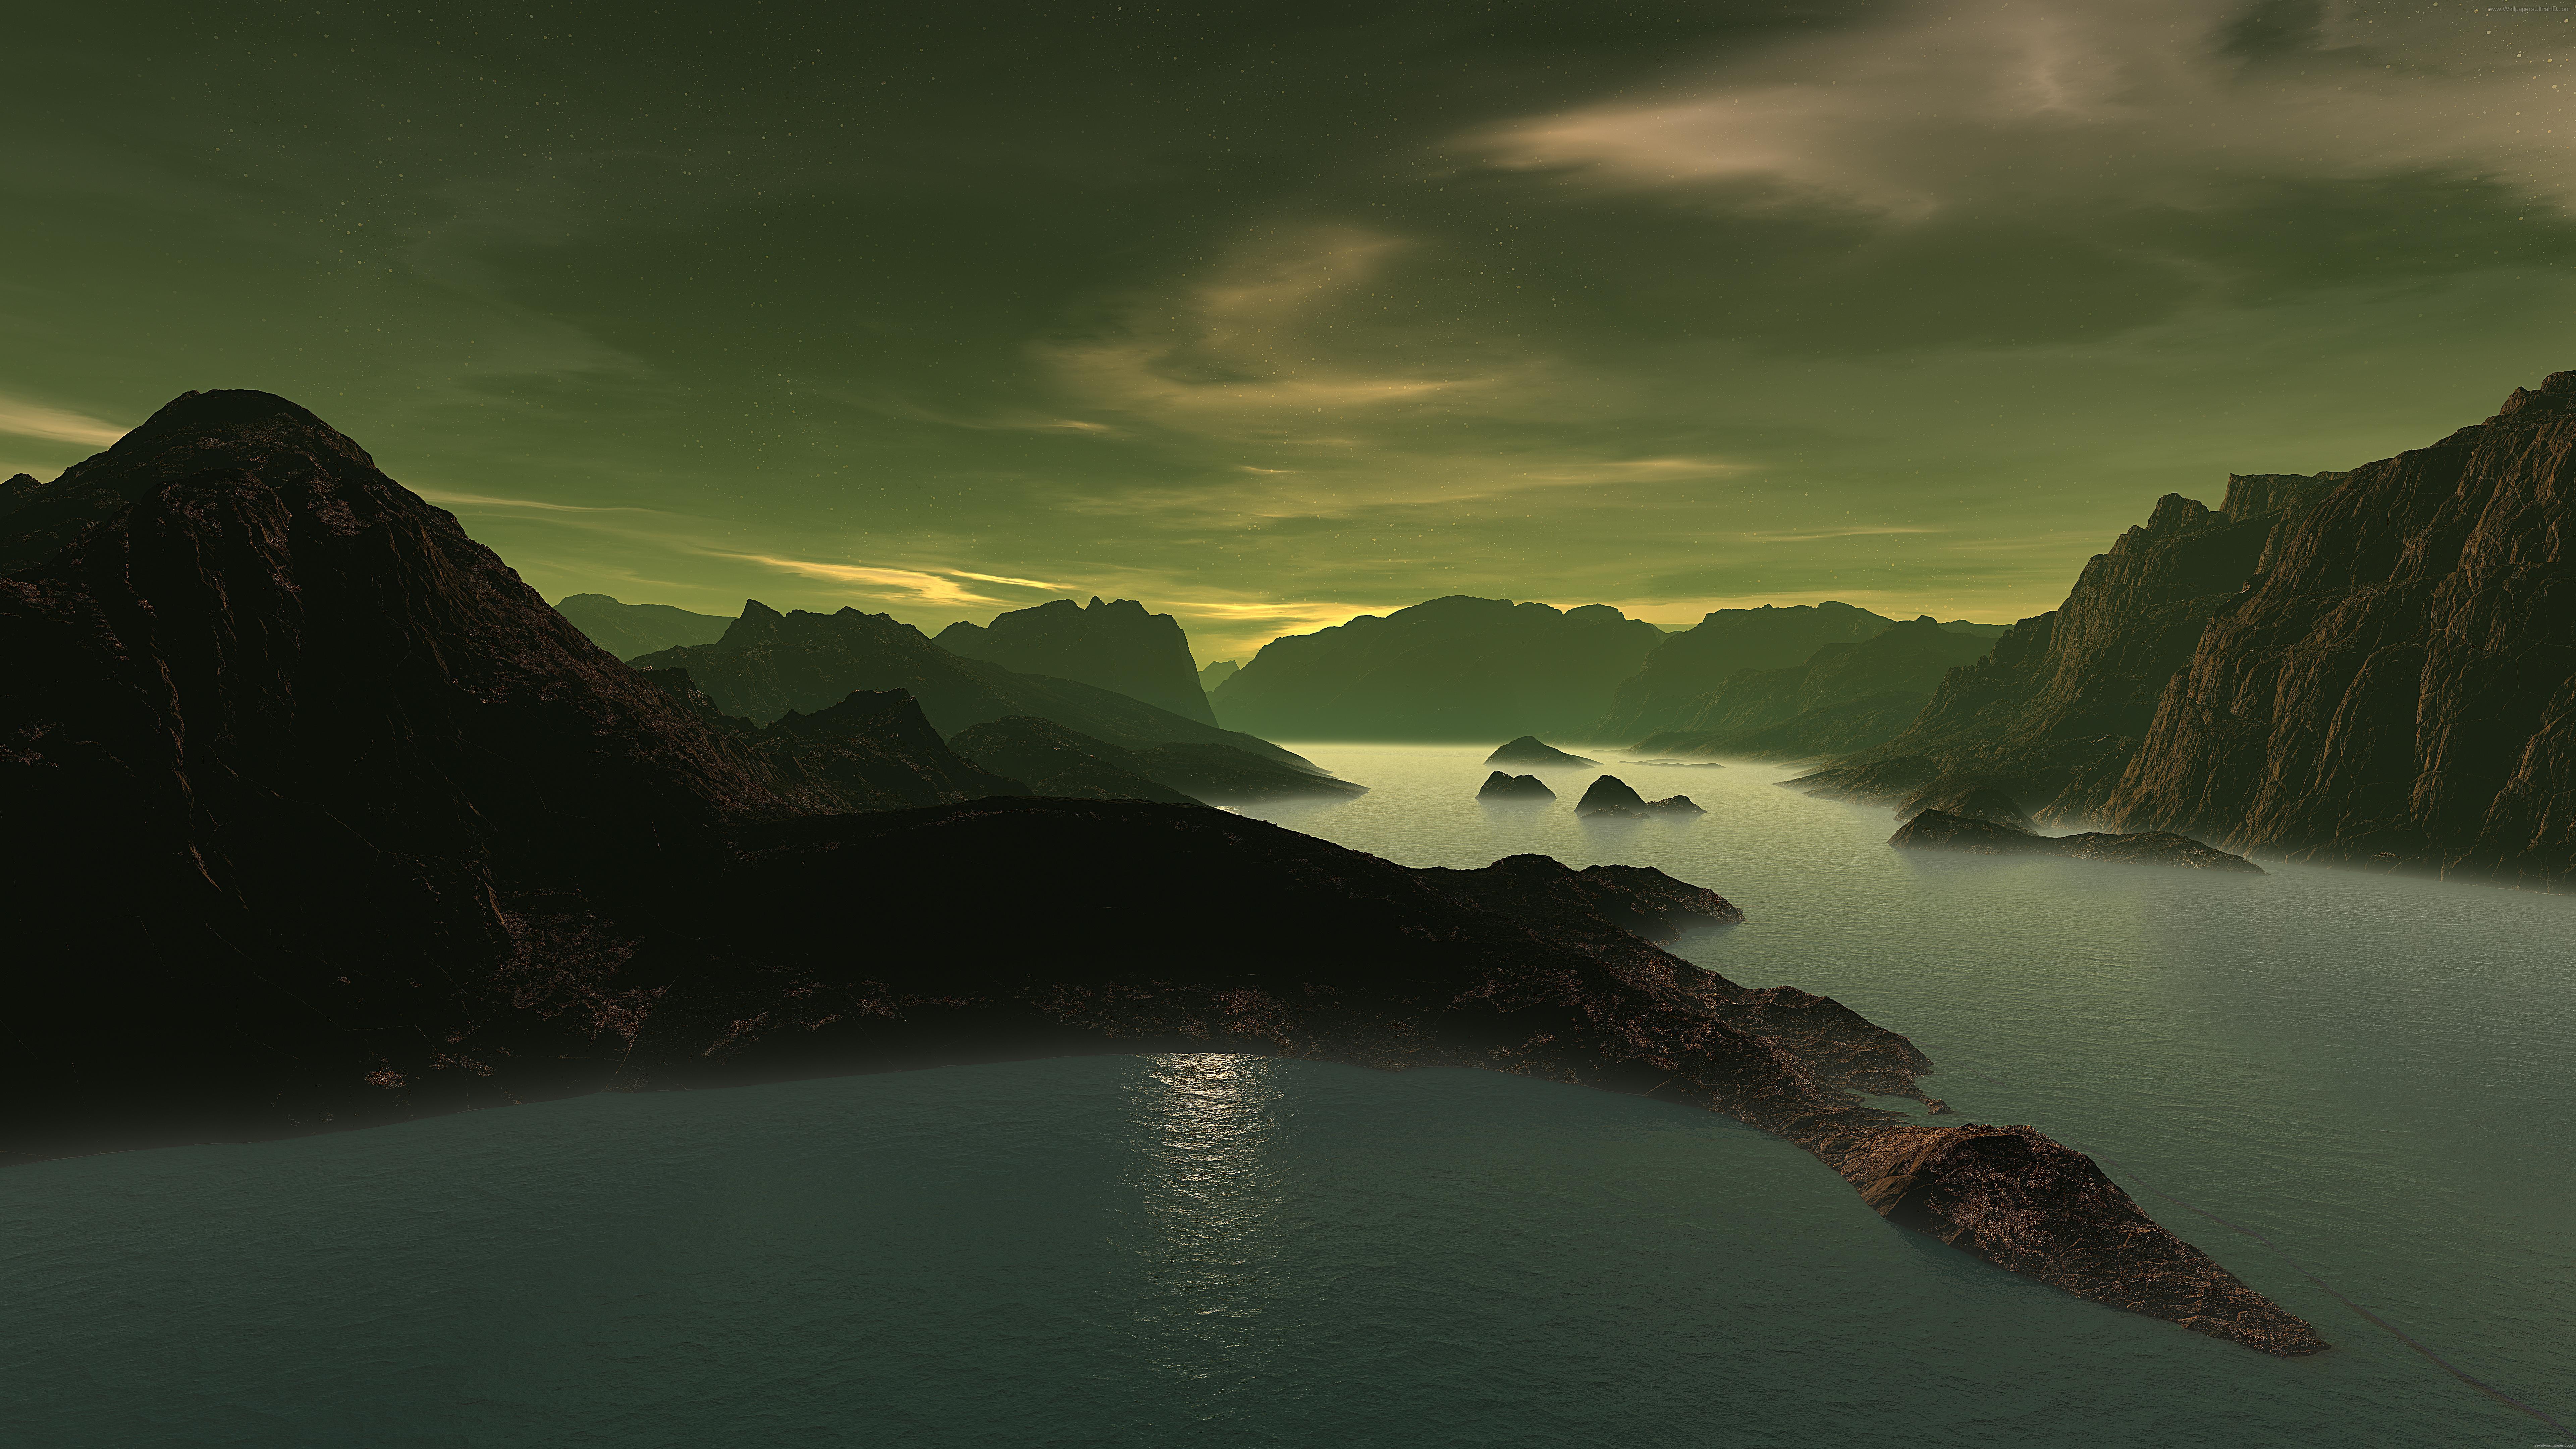 Fondos De Pantalla Agua Puerto De Montaña Rocas Nubes